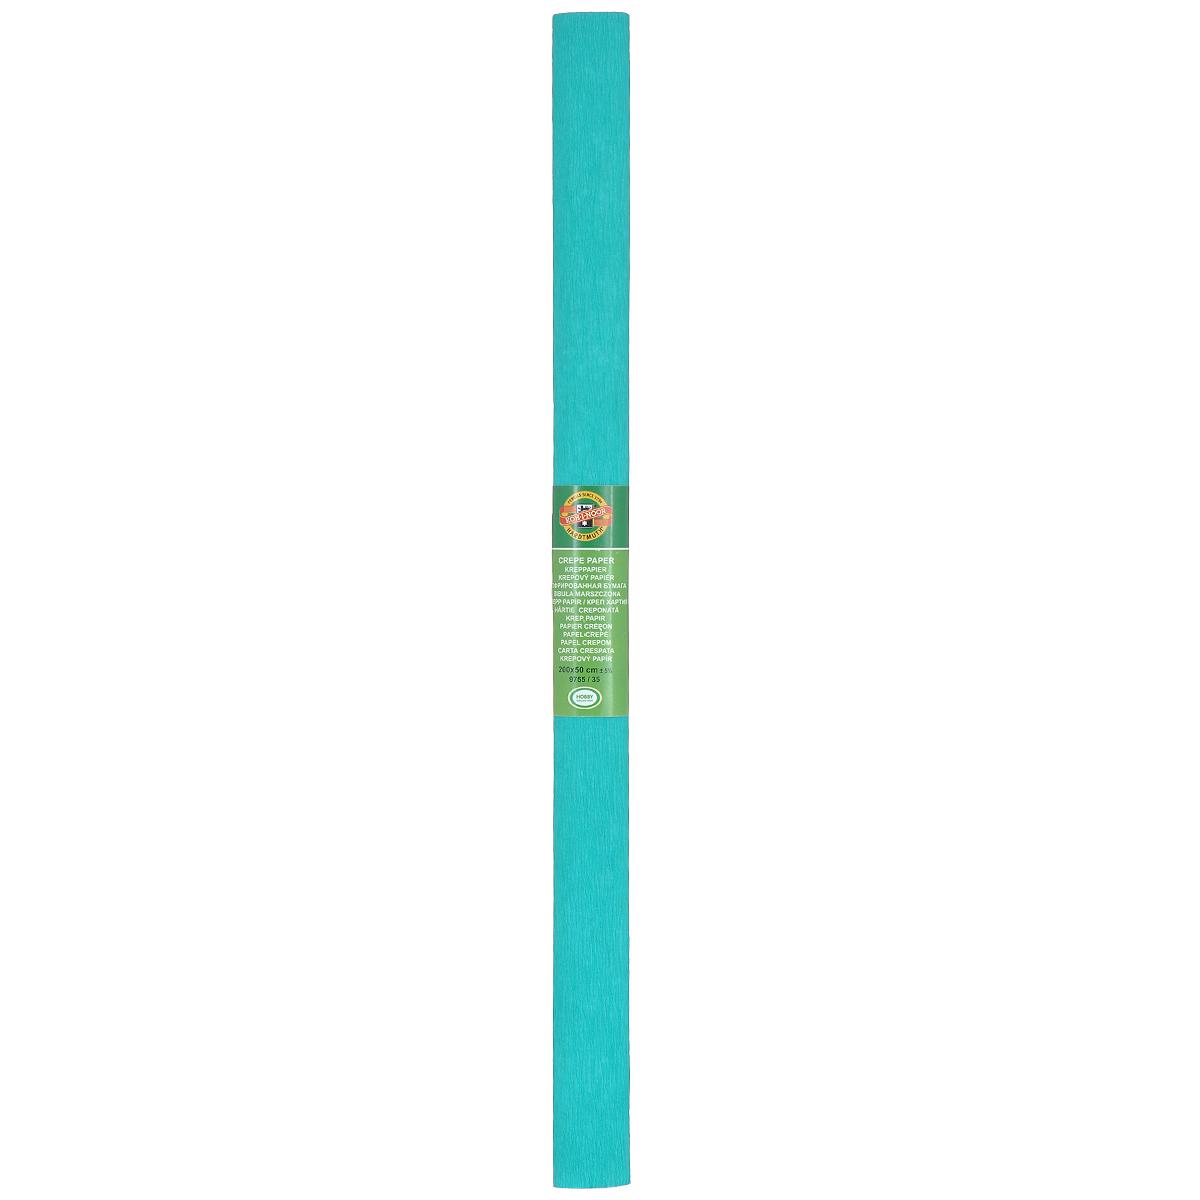 Бумага гофрированная Koh-I-Noor, цвет: бирюзовый, 50 см x 2 м9755/35Гофрированная бумага Koh-I-Noor - прекрасный материал для декорирования, изготовления эффектной упаковки и различных поделок. Бумага прекрасно держит форму, не пачкает руки, отлично крепится и замечательно подходит для изготовления праздничной упаковки для цветов.